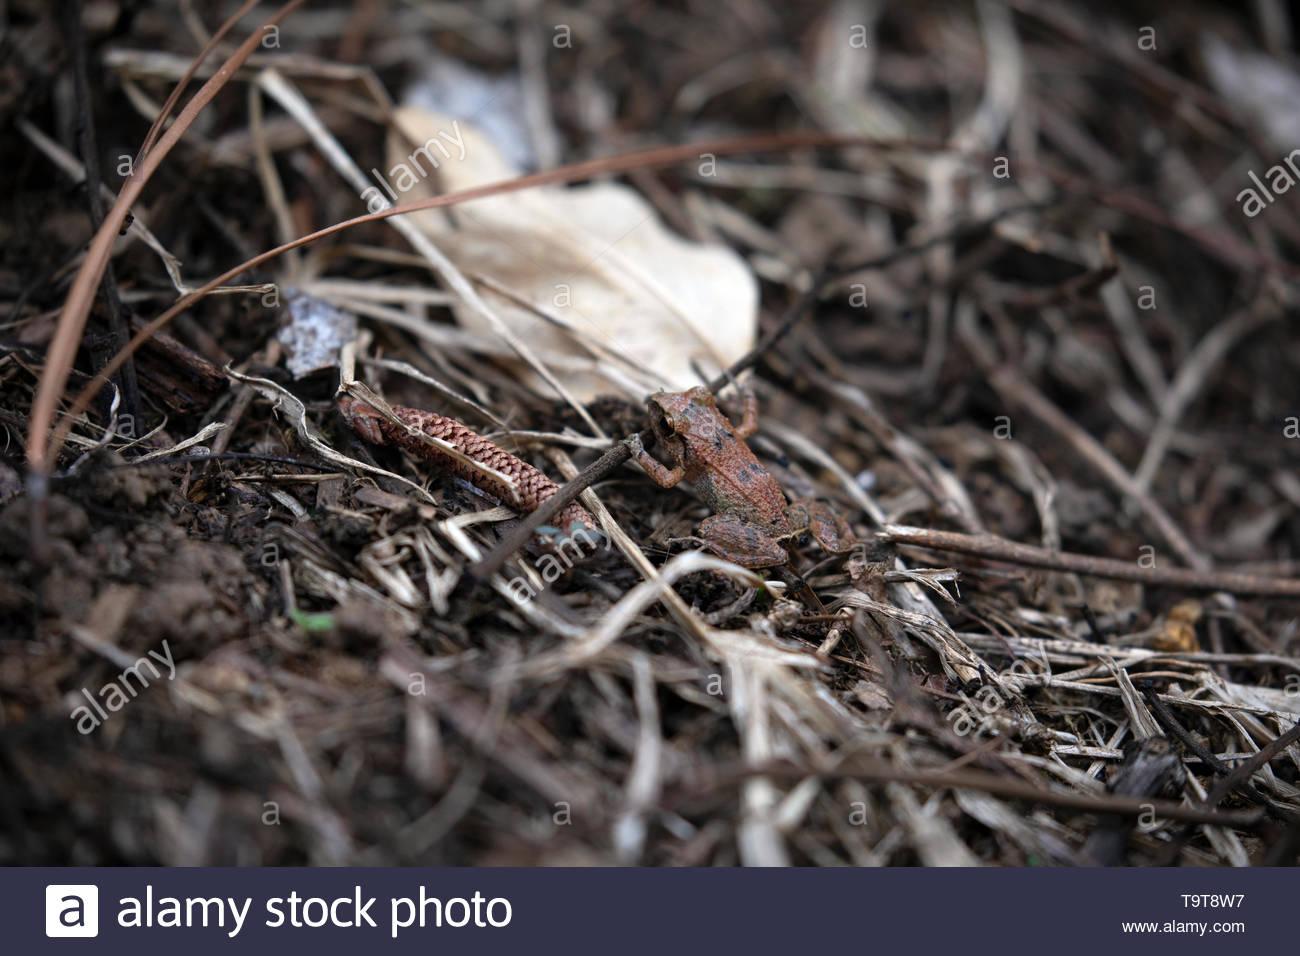 Lesser Antillean Whistling Frog - Stock Image